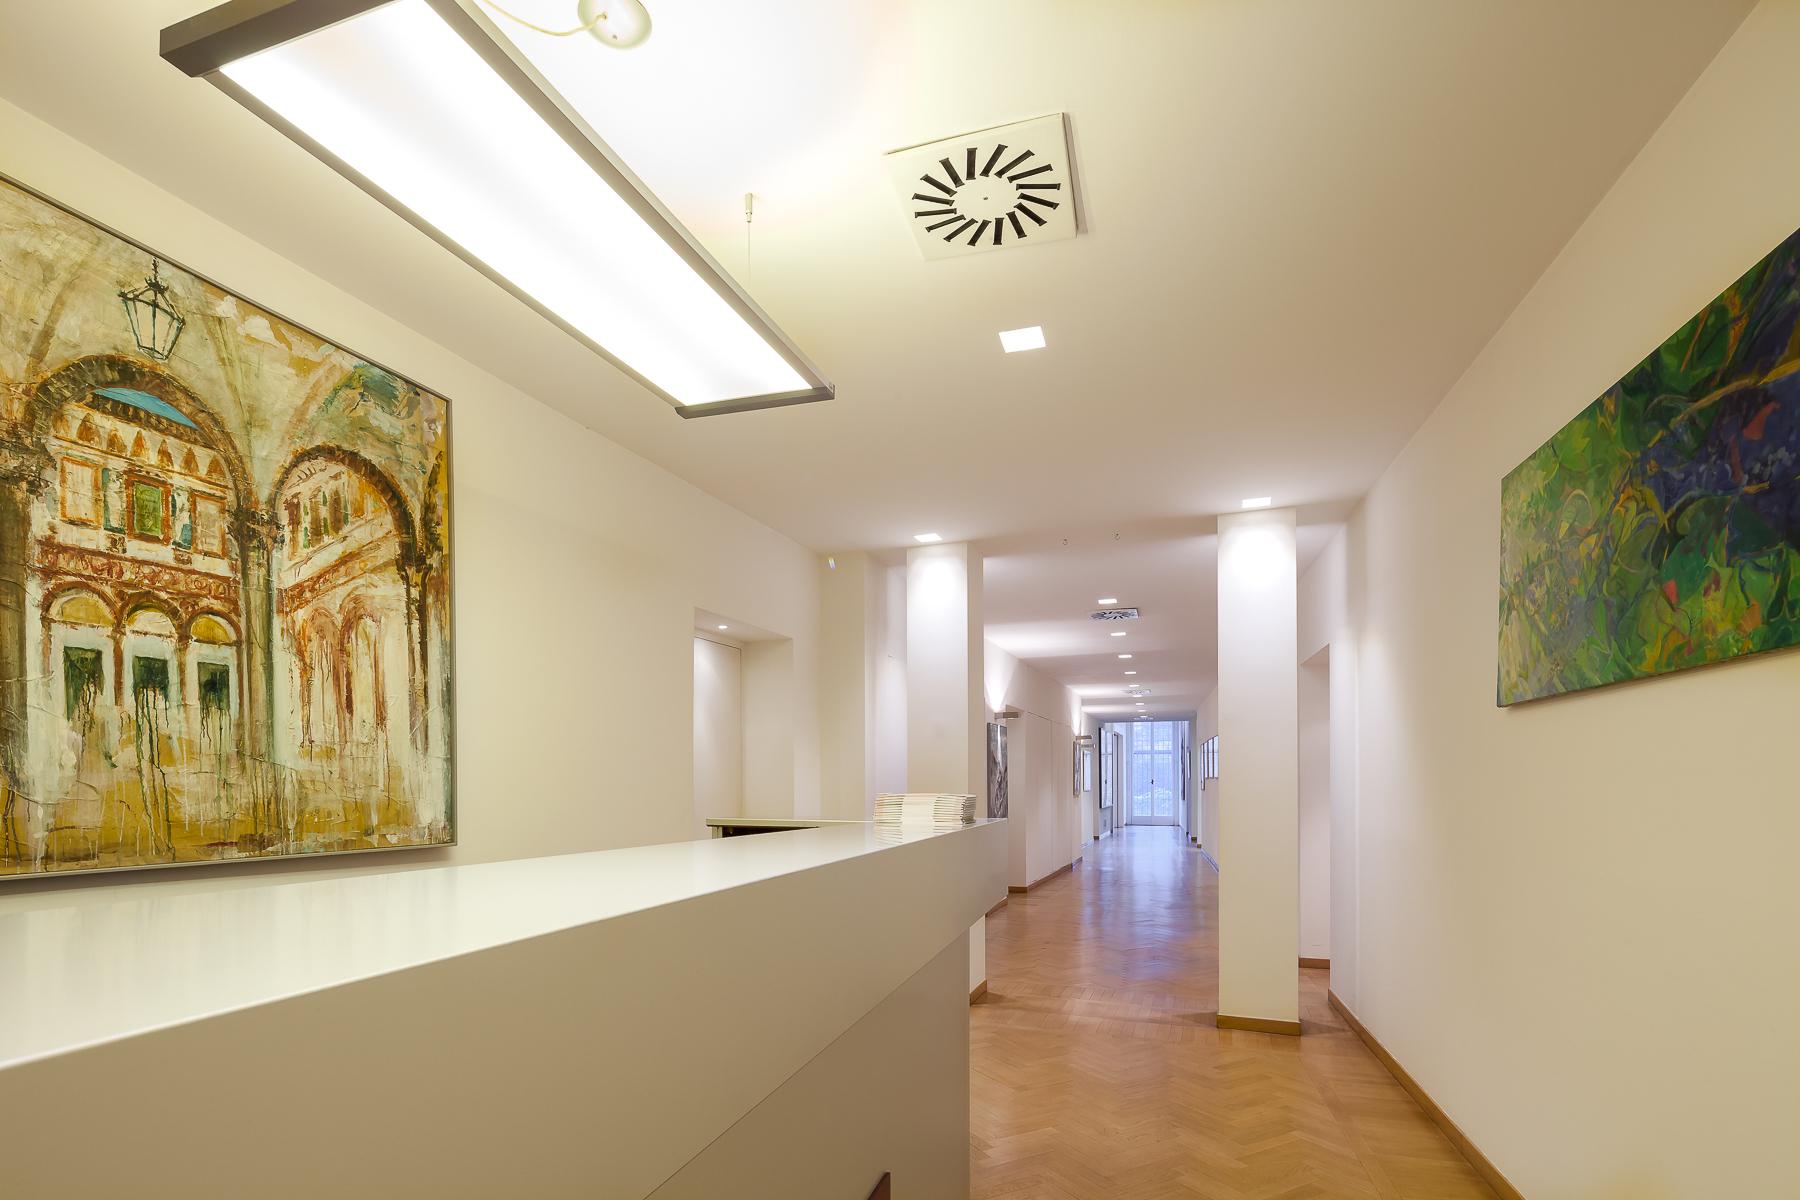 Ufficio studio di lusso in affitto a milano via bigli for Ufficio affitto eur